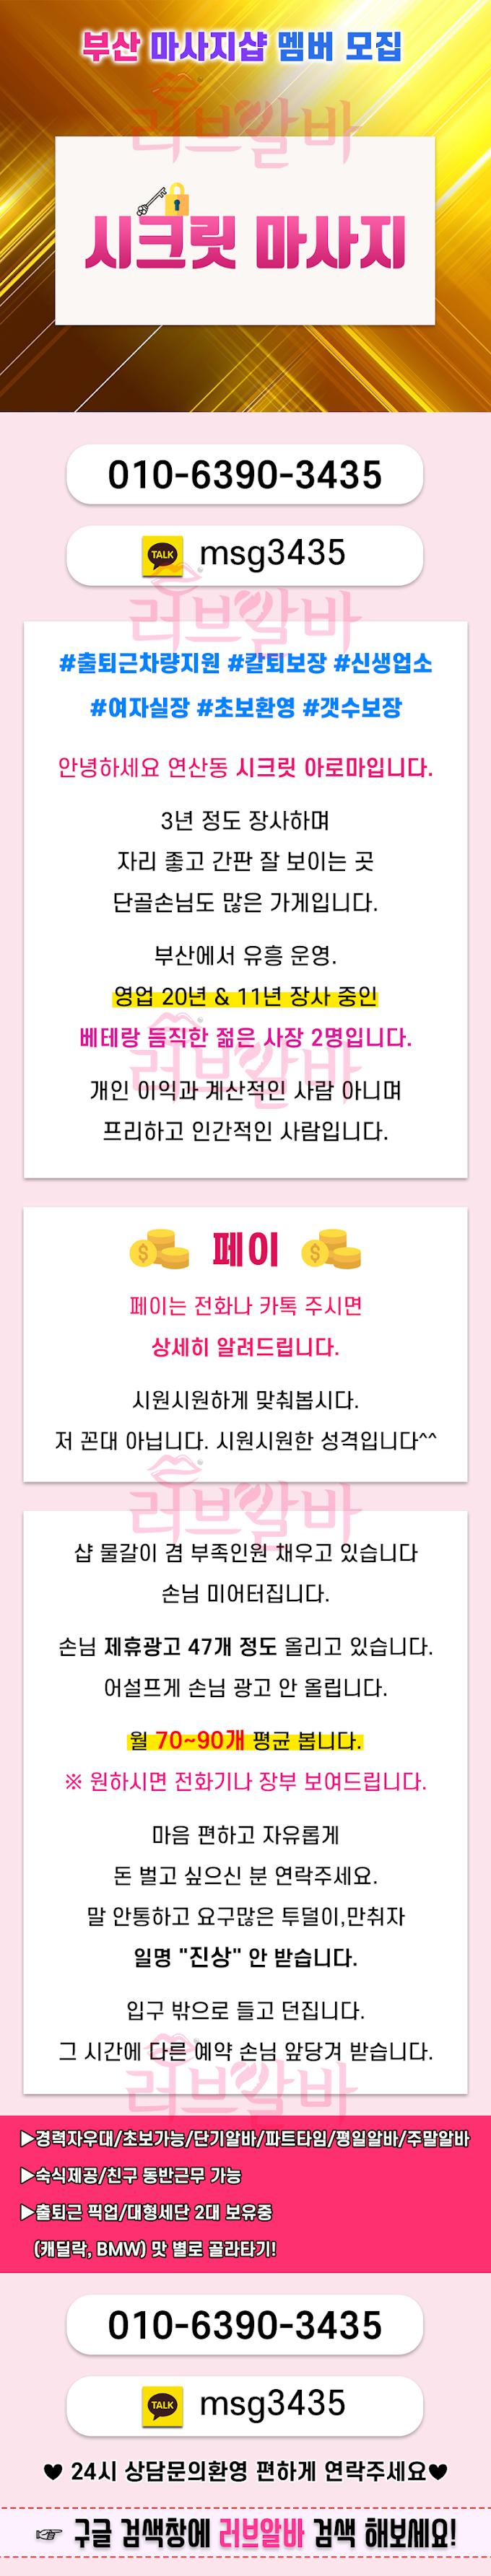 [부산 연제구] 시크릿 마사지에서 오픈멤버 모집중~💗